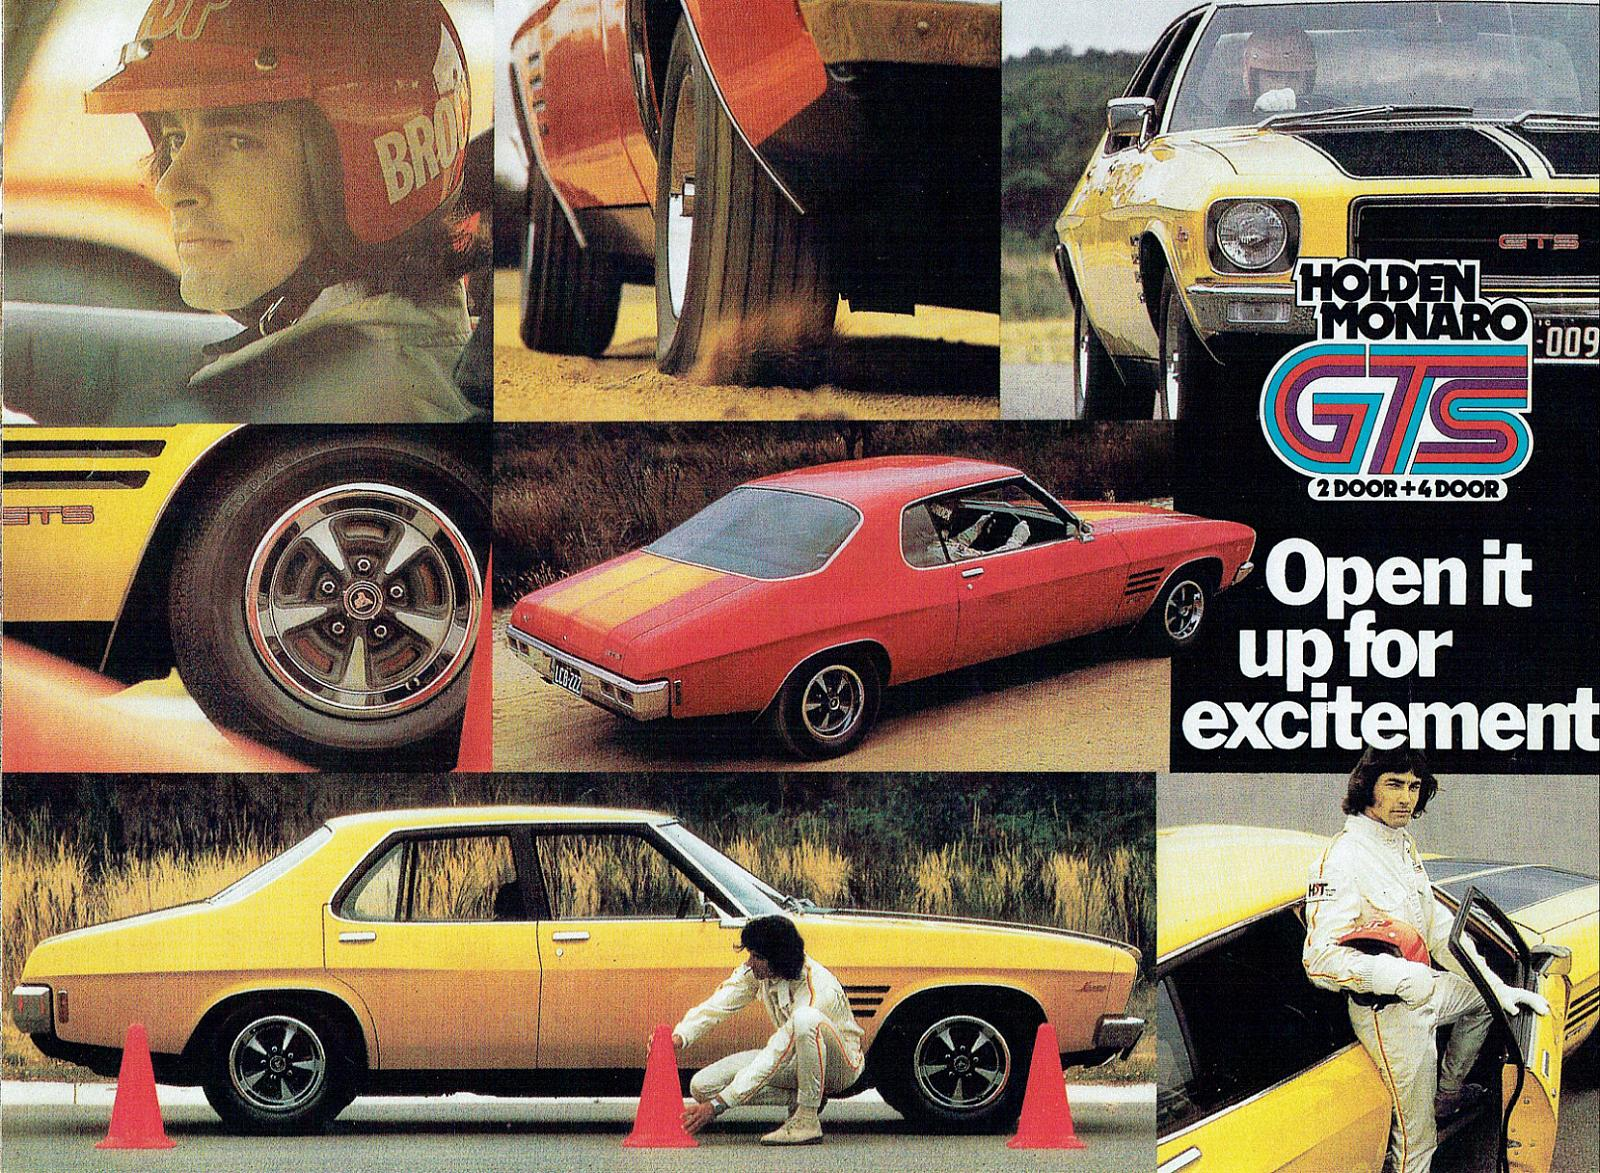 HQ Monaro GTS  2 and 4 door - open it up for excitement